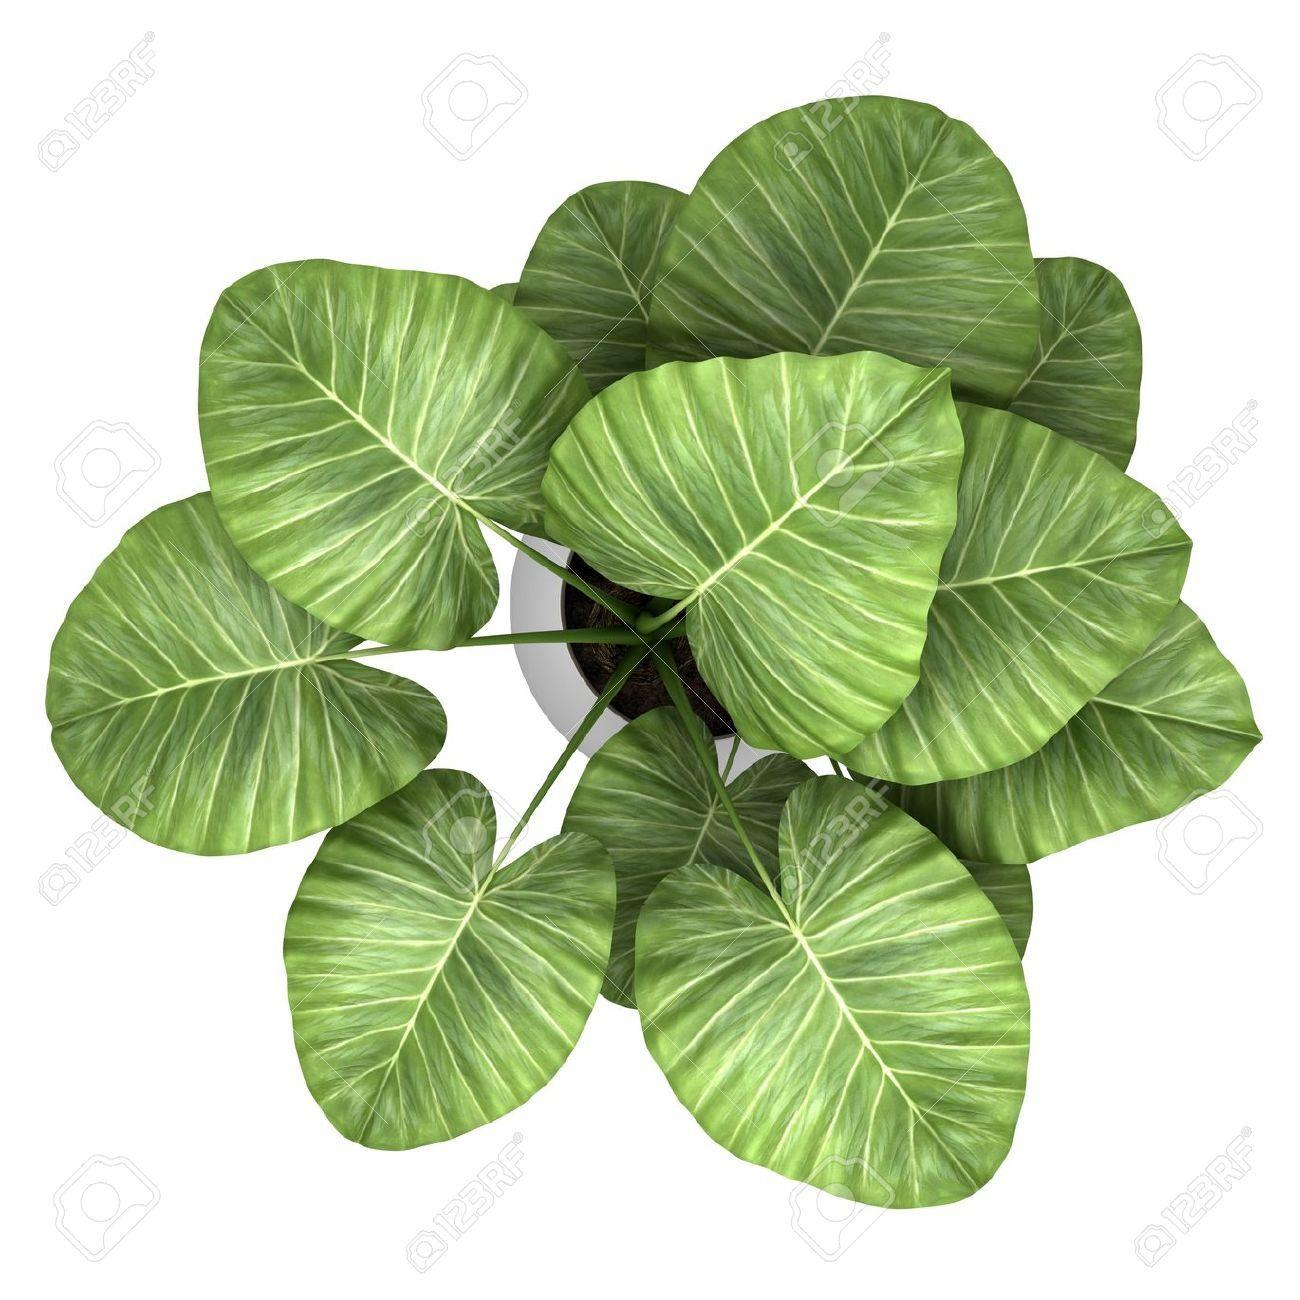 Pin by pratik bhatt on leaf.